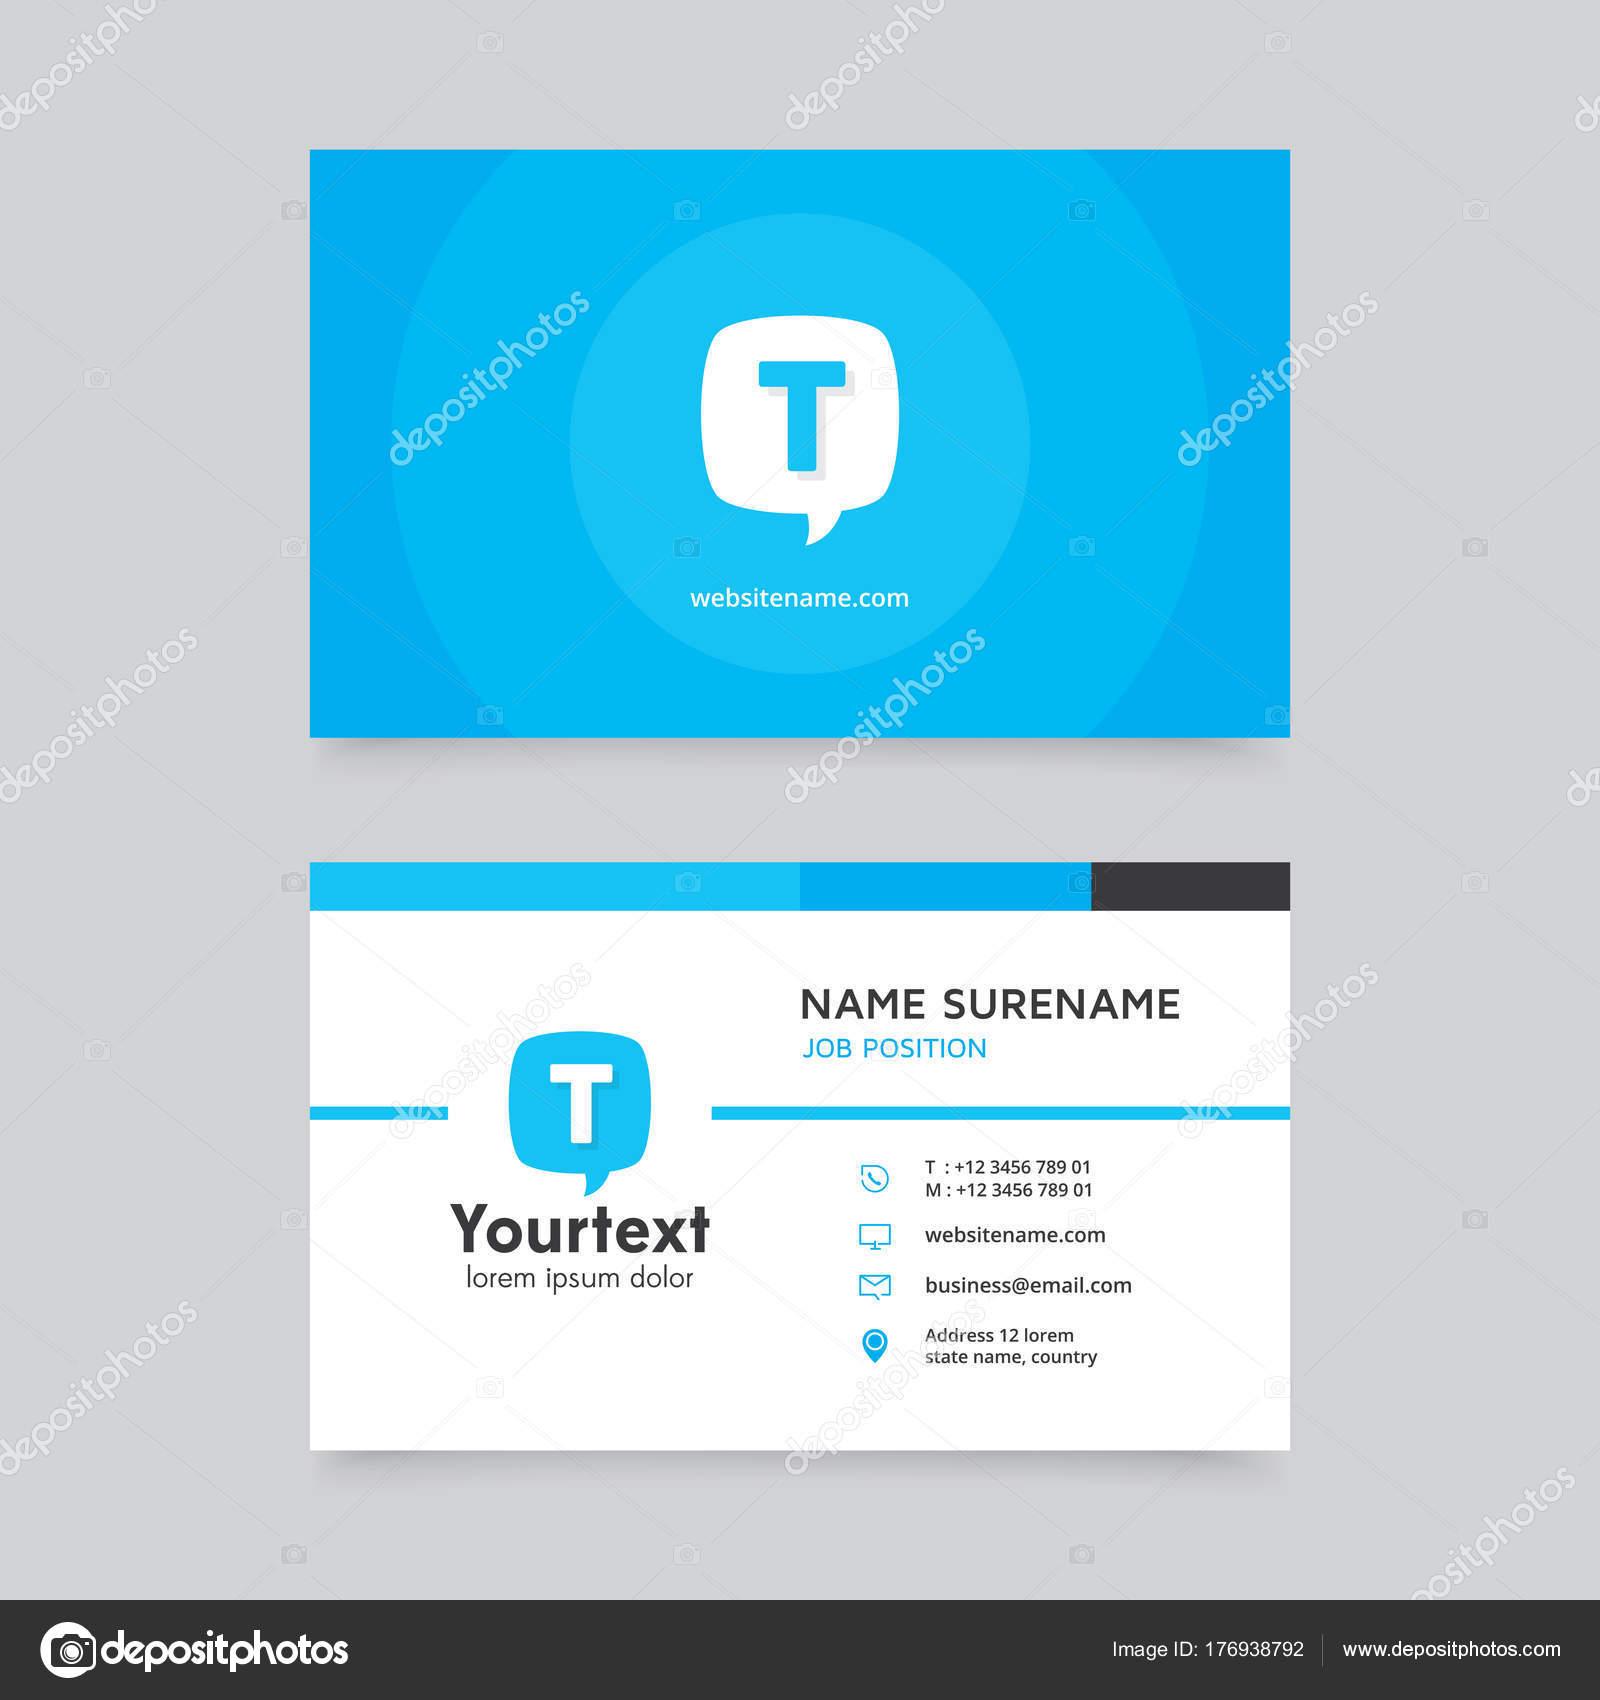 Bleu Carte De Visite Bulle Discours Modle Moderne Crative Et Propre Vecteur Design Plat Avec La Couleur Bleue Blanche